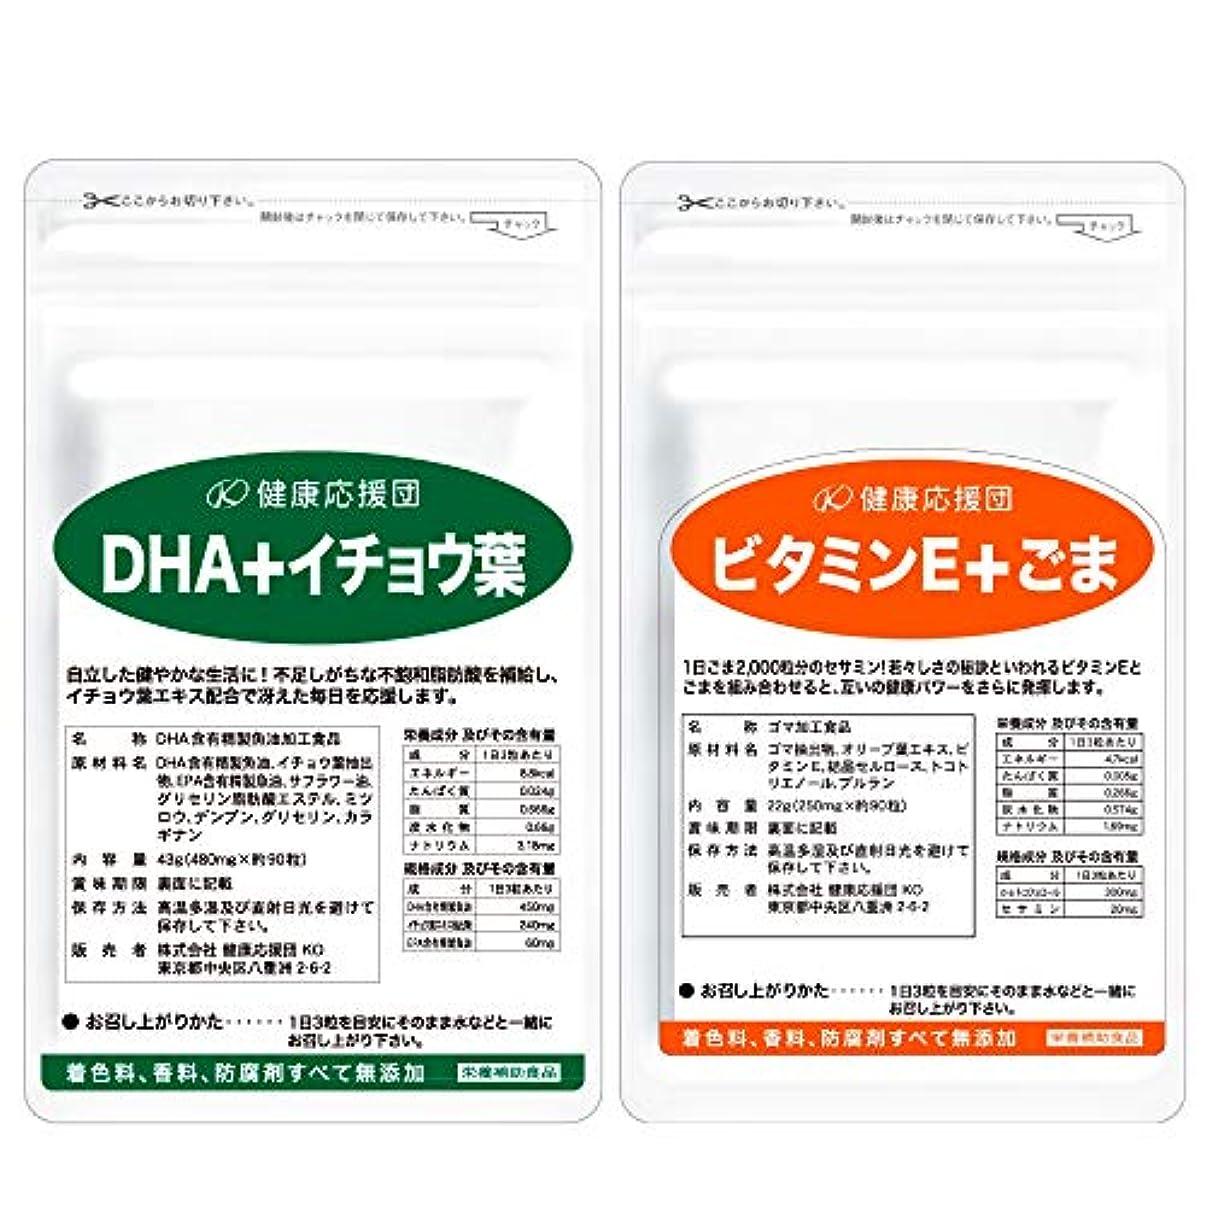 公爵主観的マオリ(お徳用3か月分)毎日元気セット(ビタミンE+ごま)+(DHA+イチョウ葉エキス) 3袋&3袋セット(DHA?EPA?ビタミンE?セサミン)